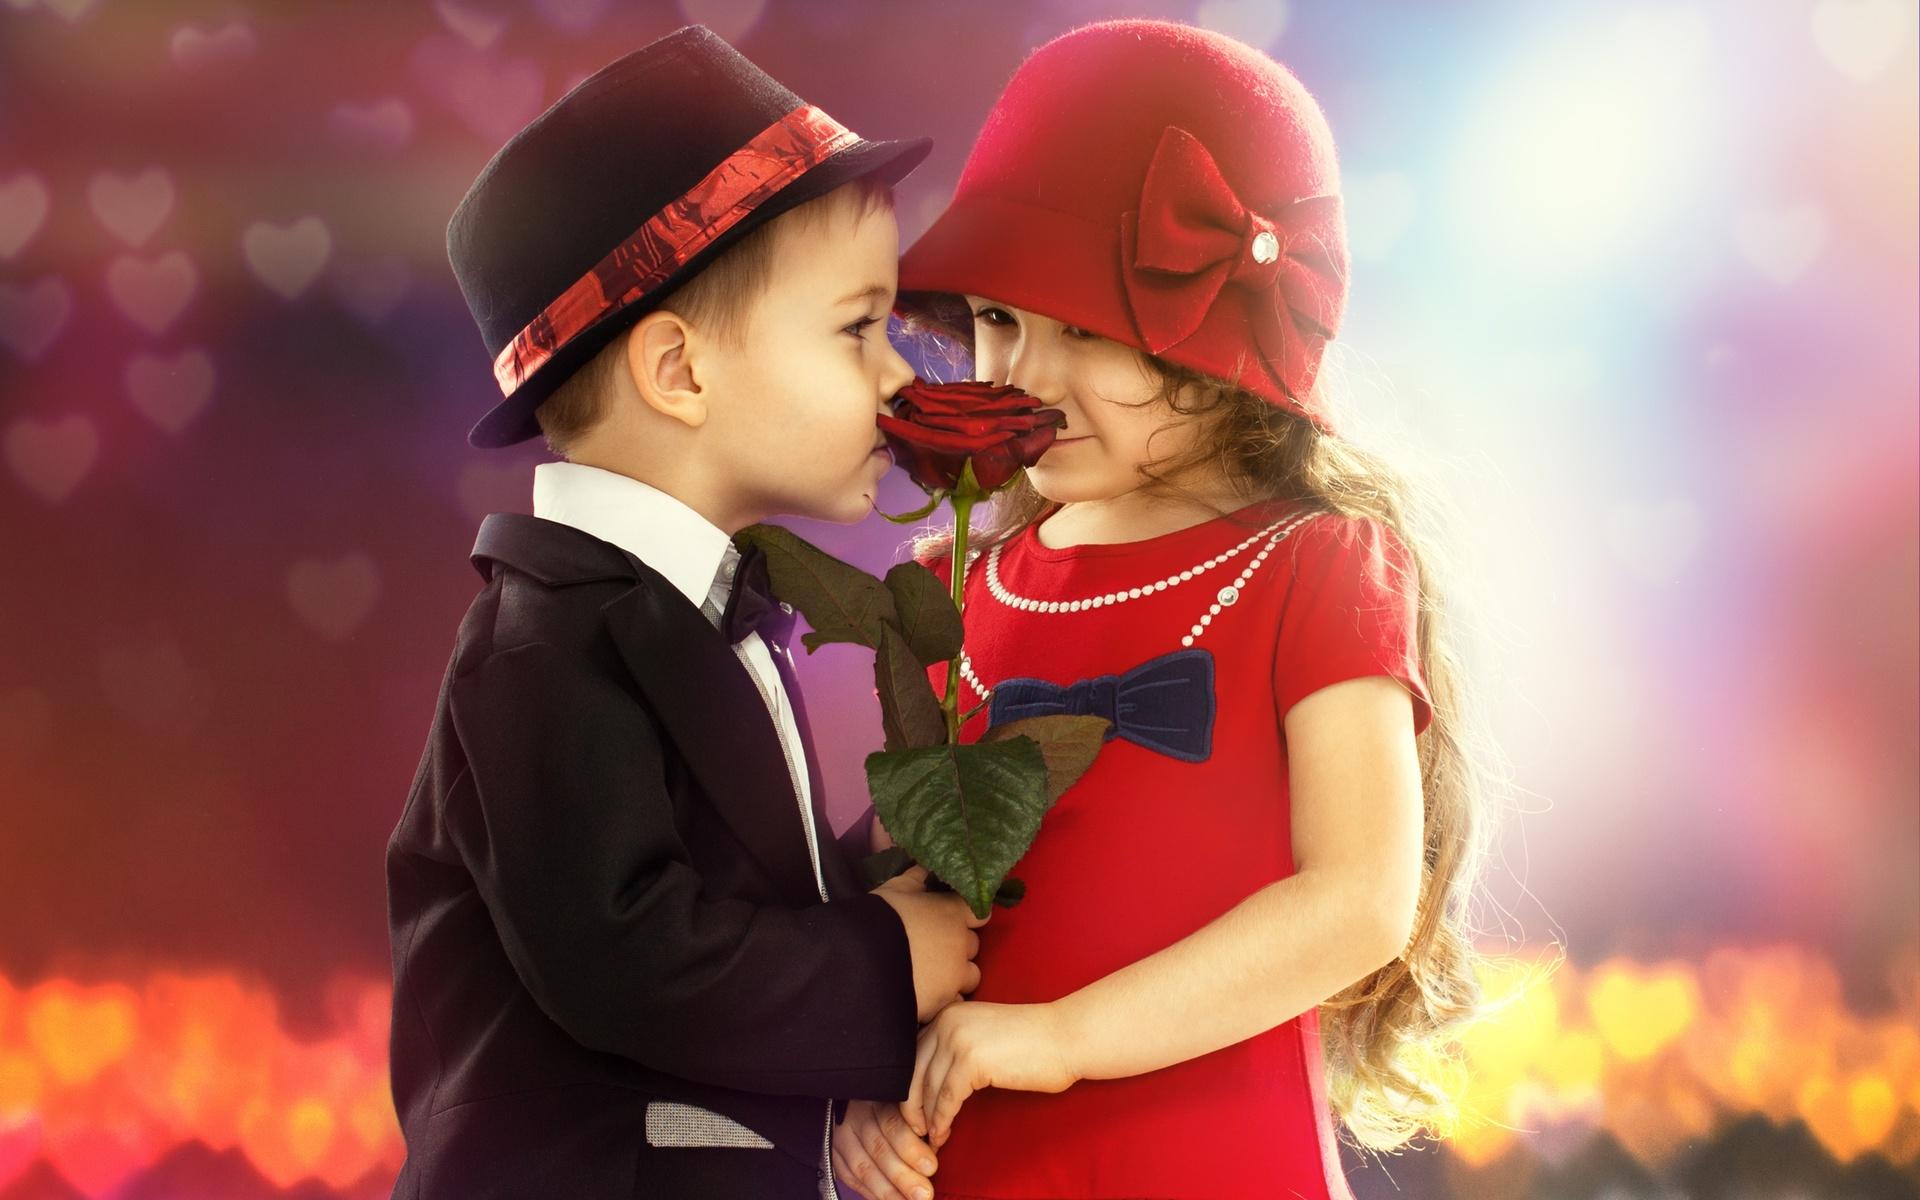 Картинки про любовь к девушке прикольные, днем